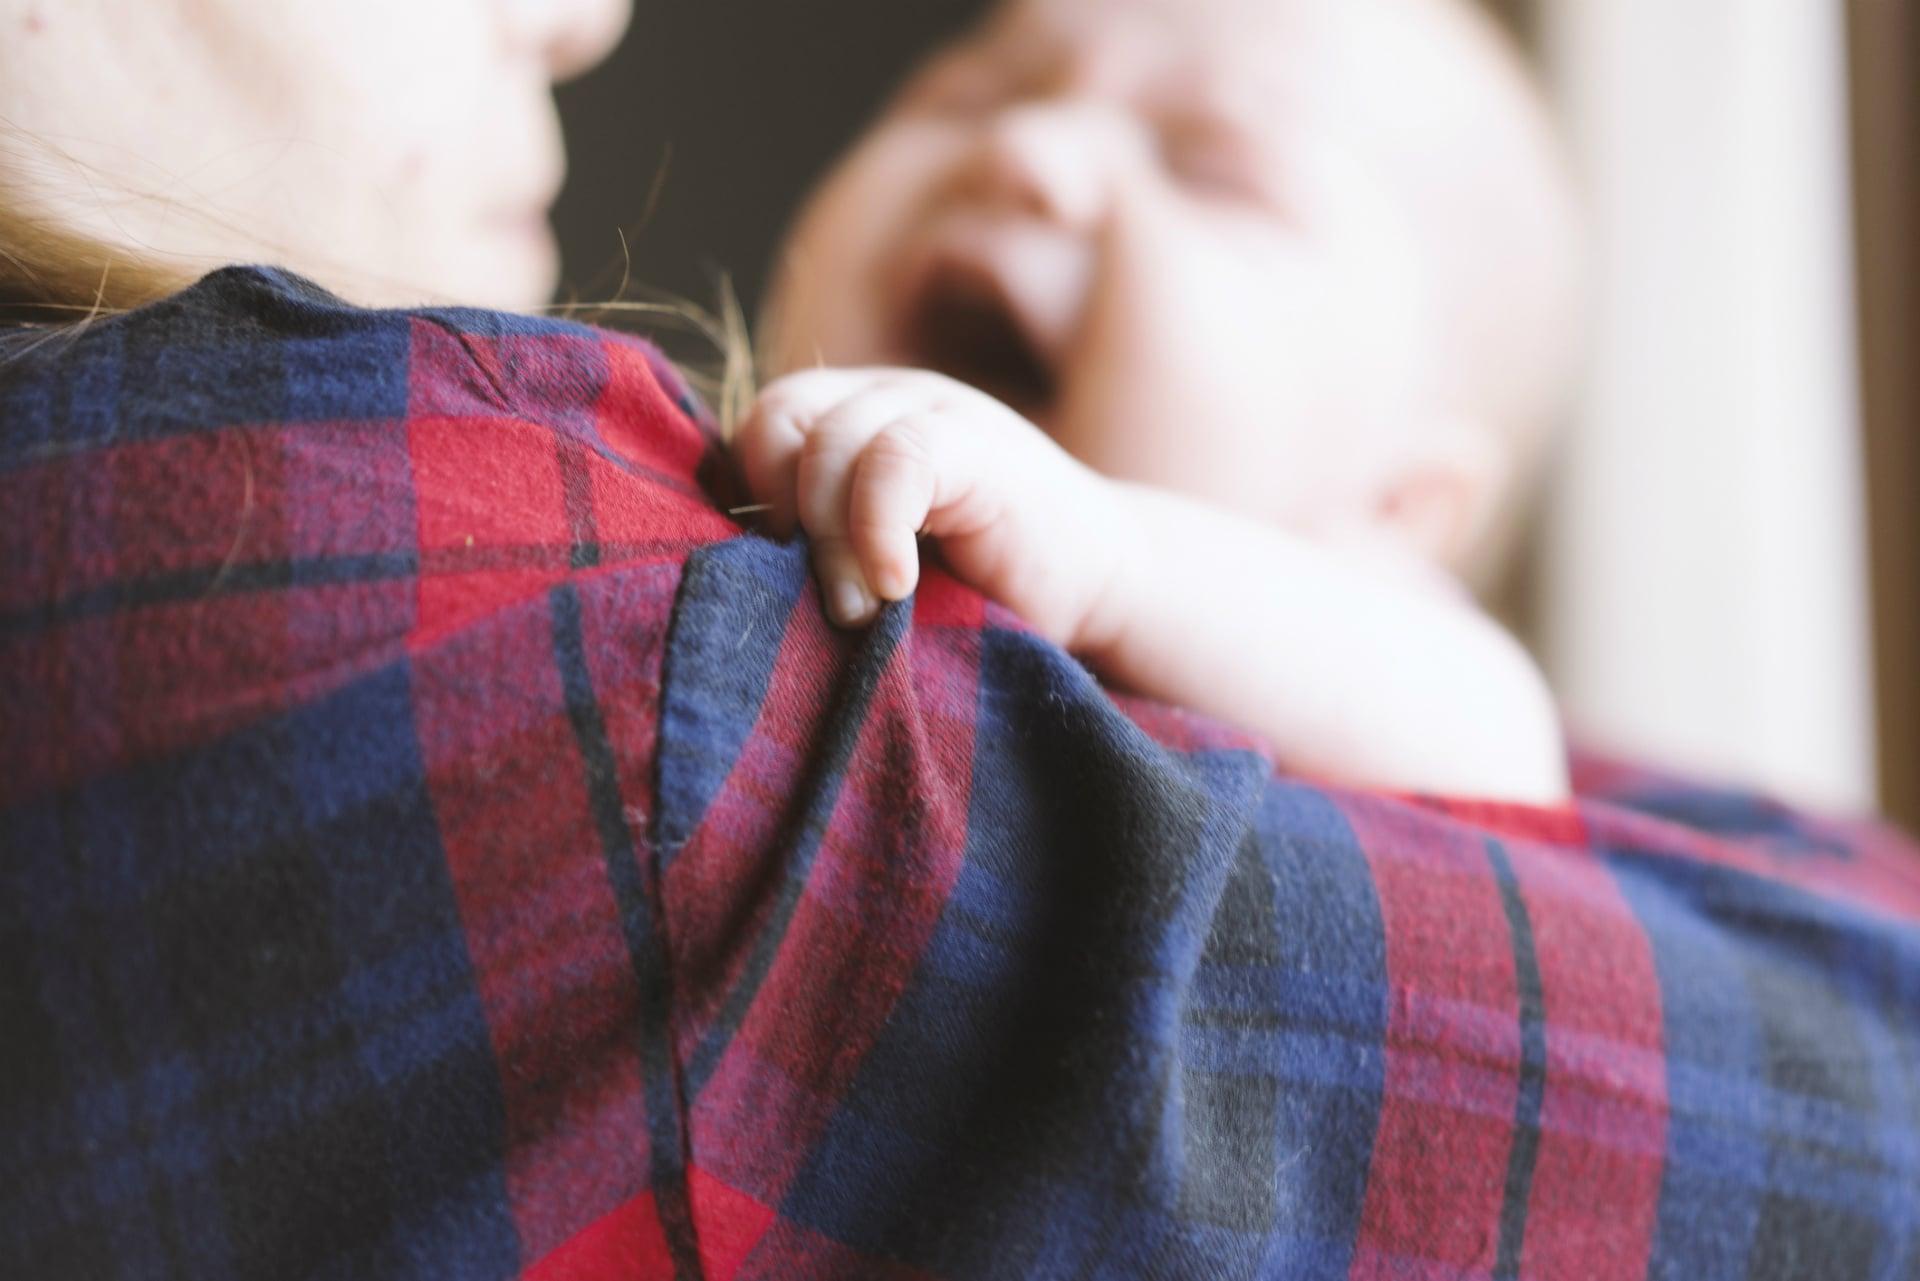 Coliche e pianto del neonato